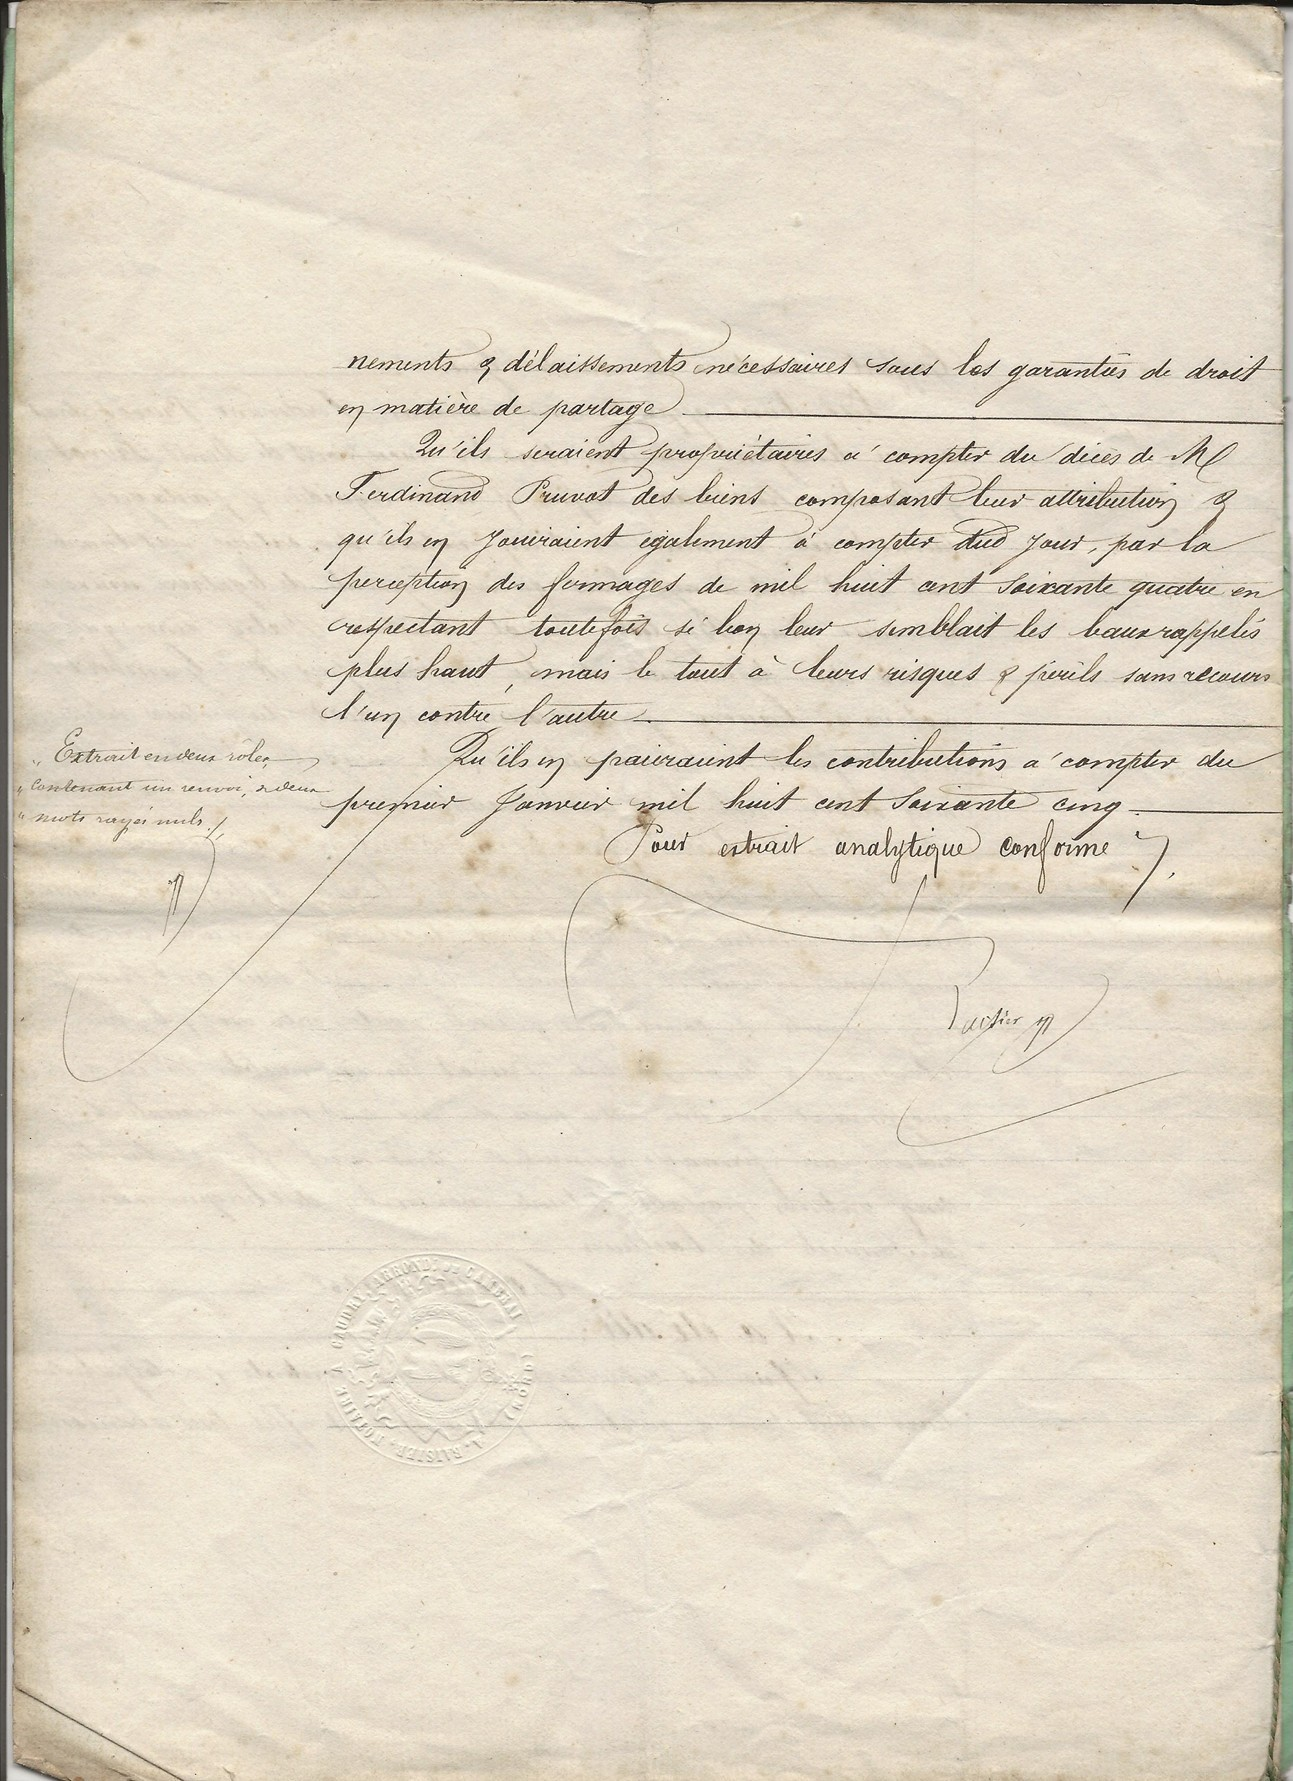 1864 succession partage de ferdinant pruvot 004